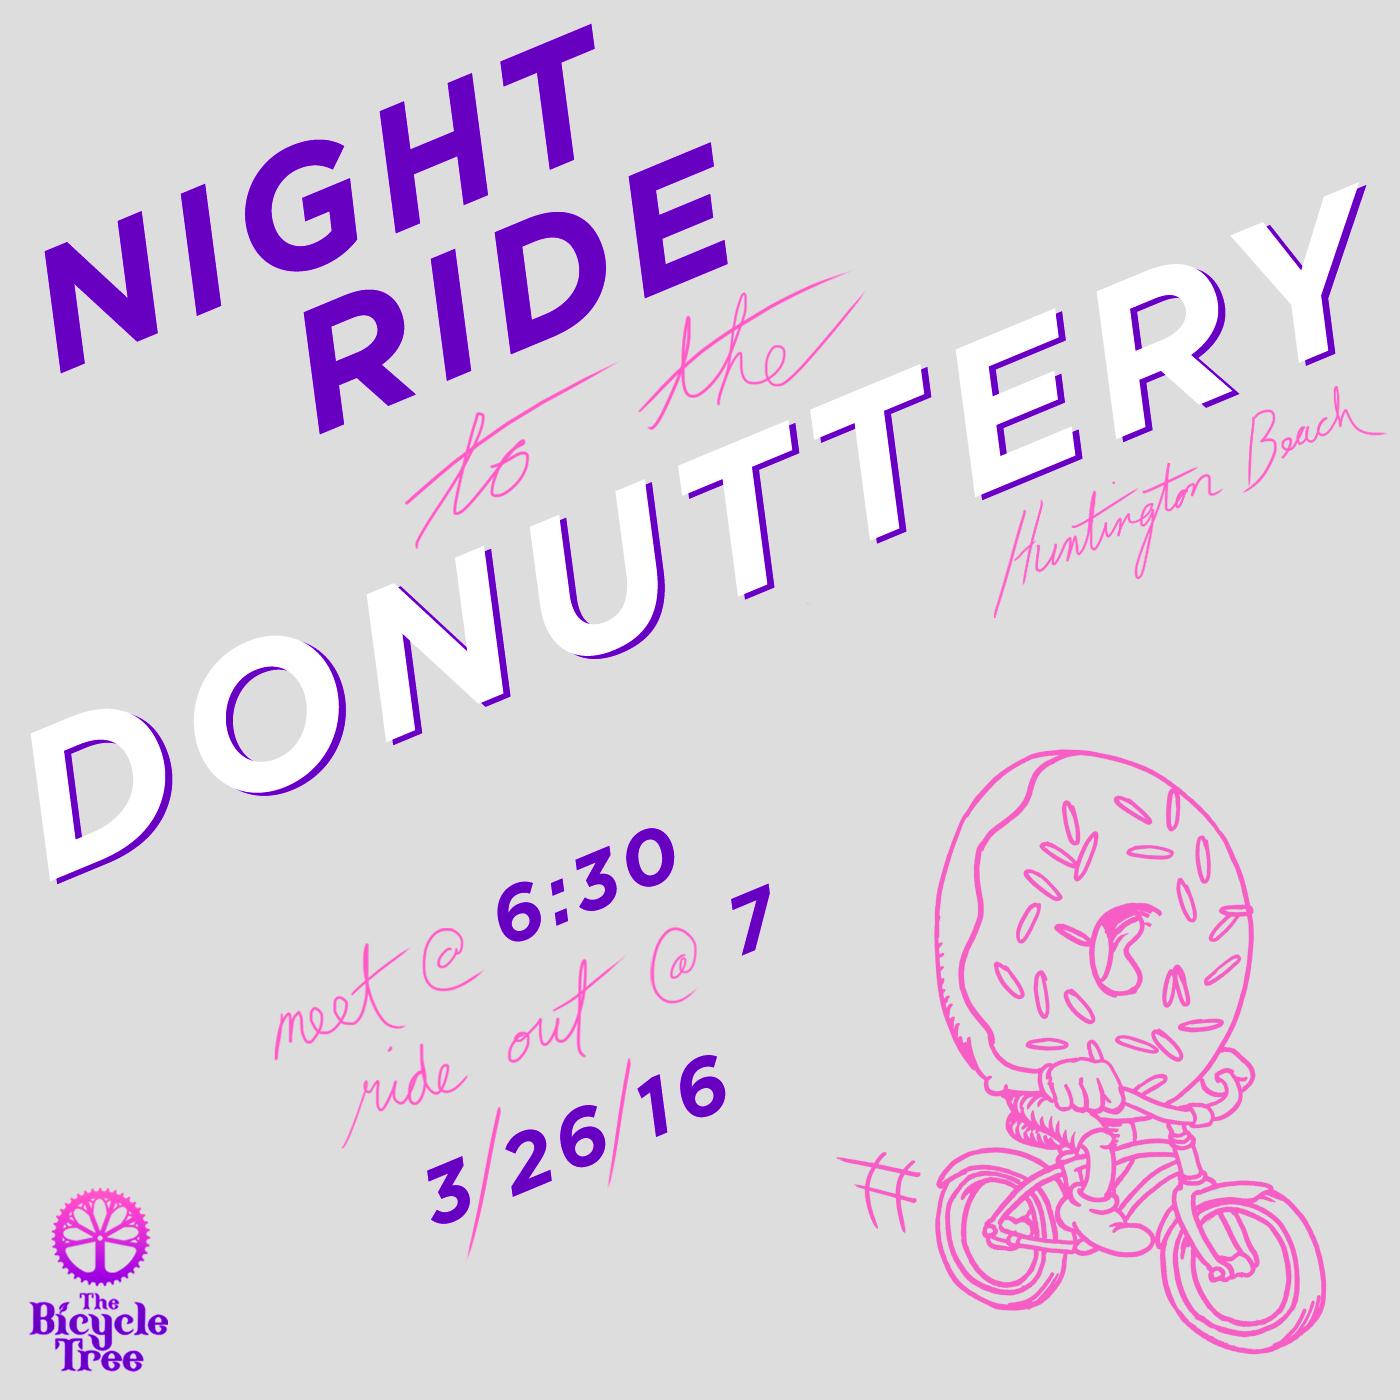 BT_NightRide_Donuttery_grey_02.jpg